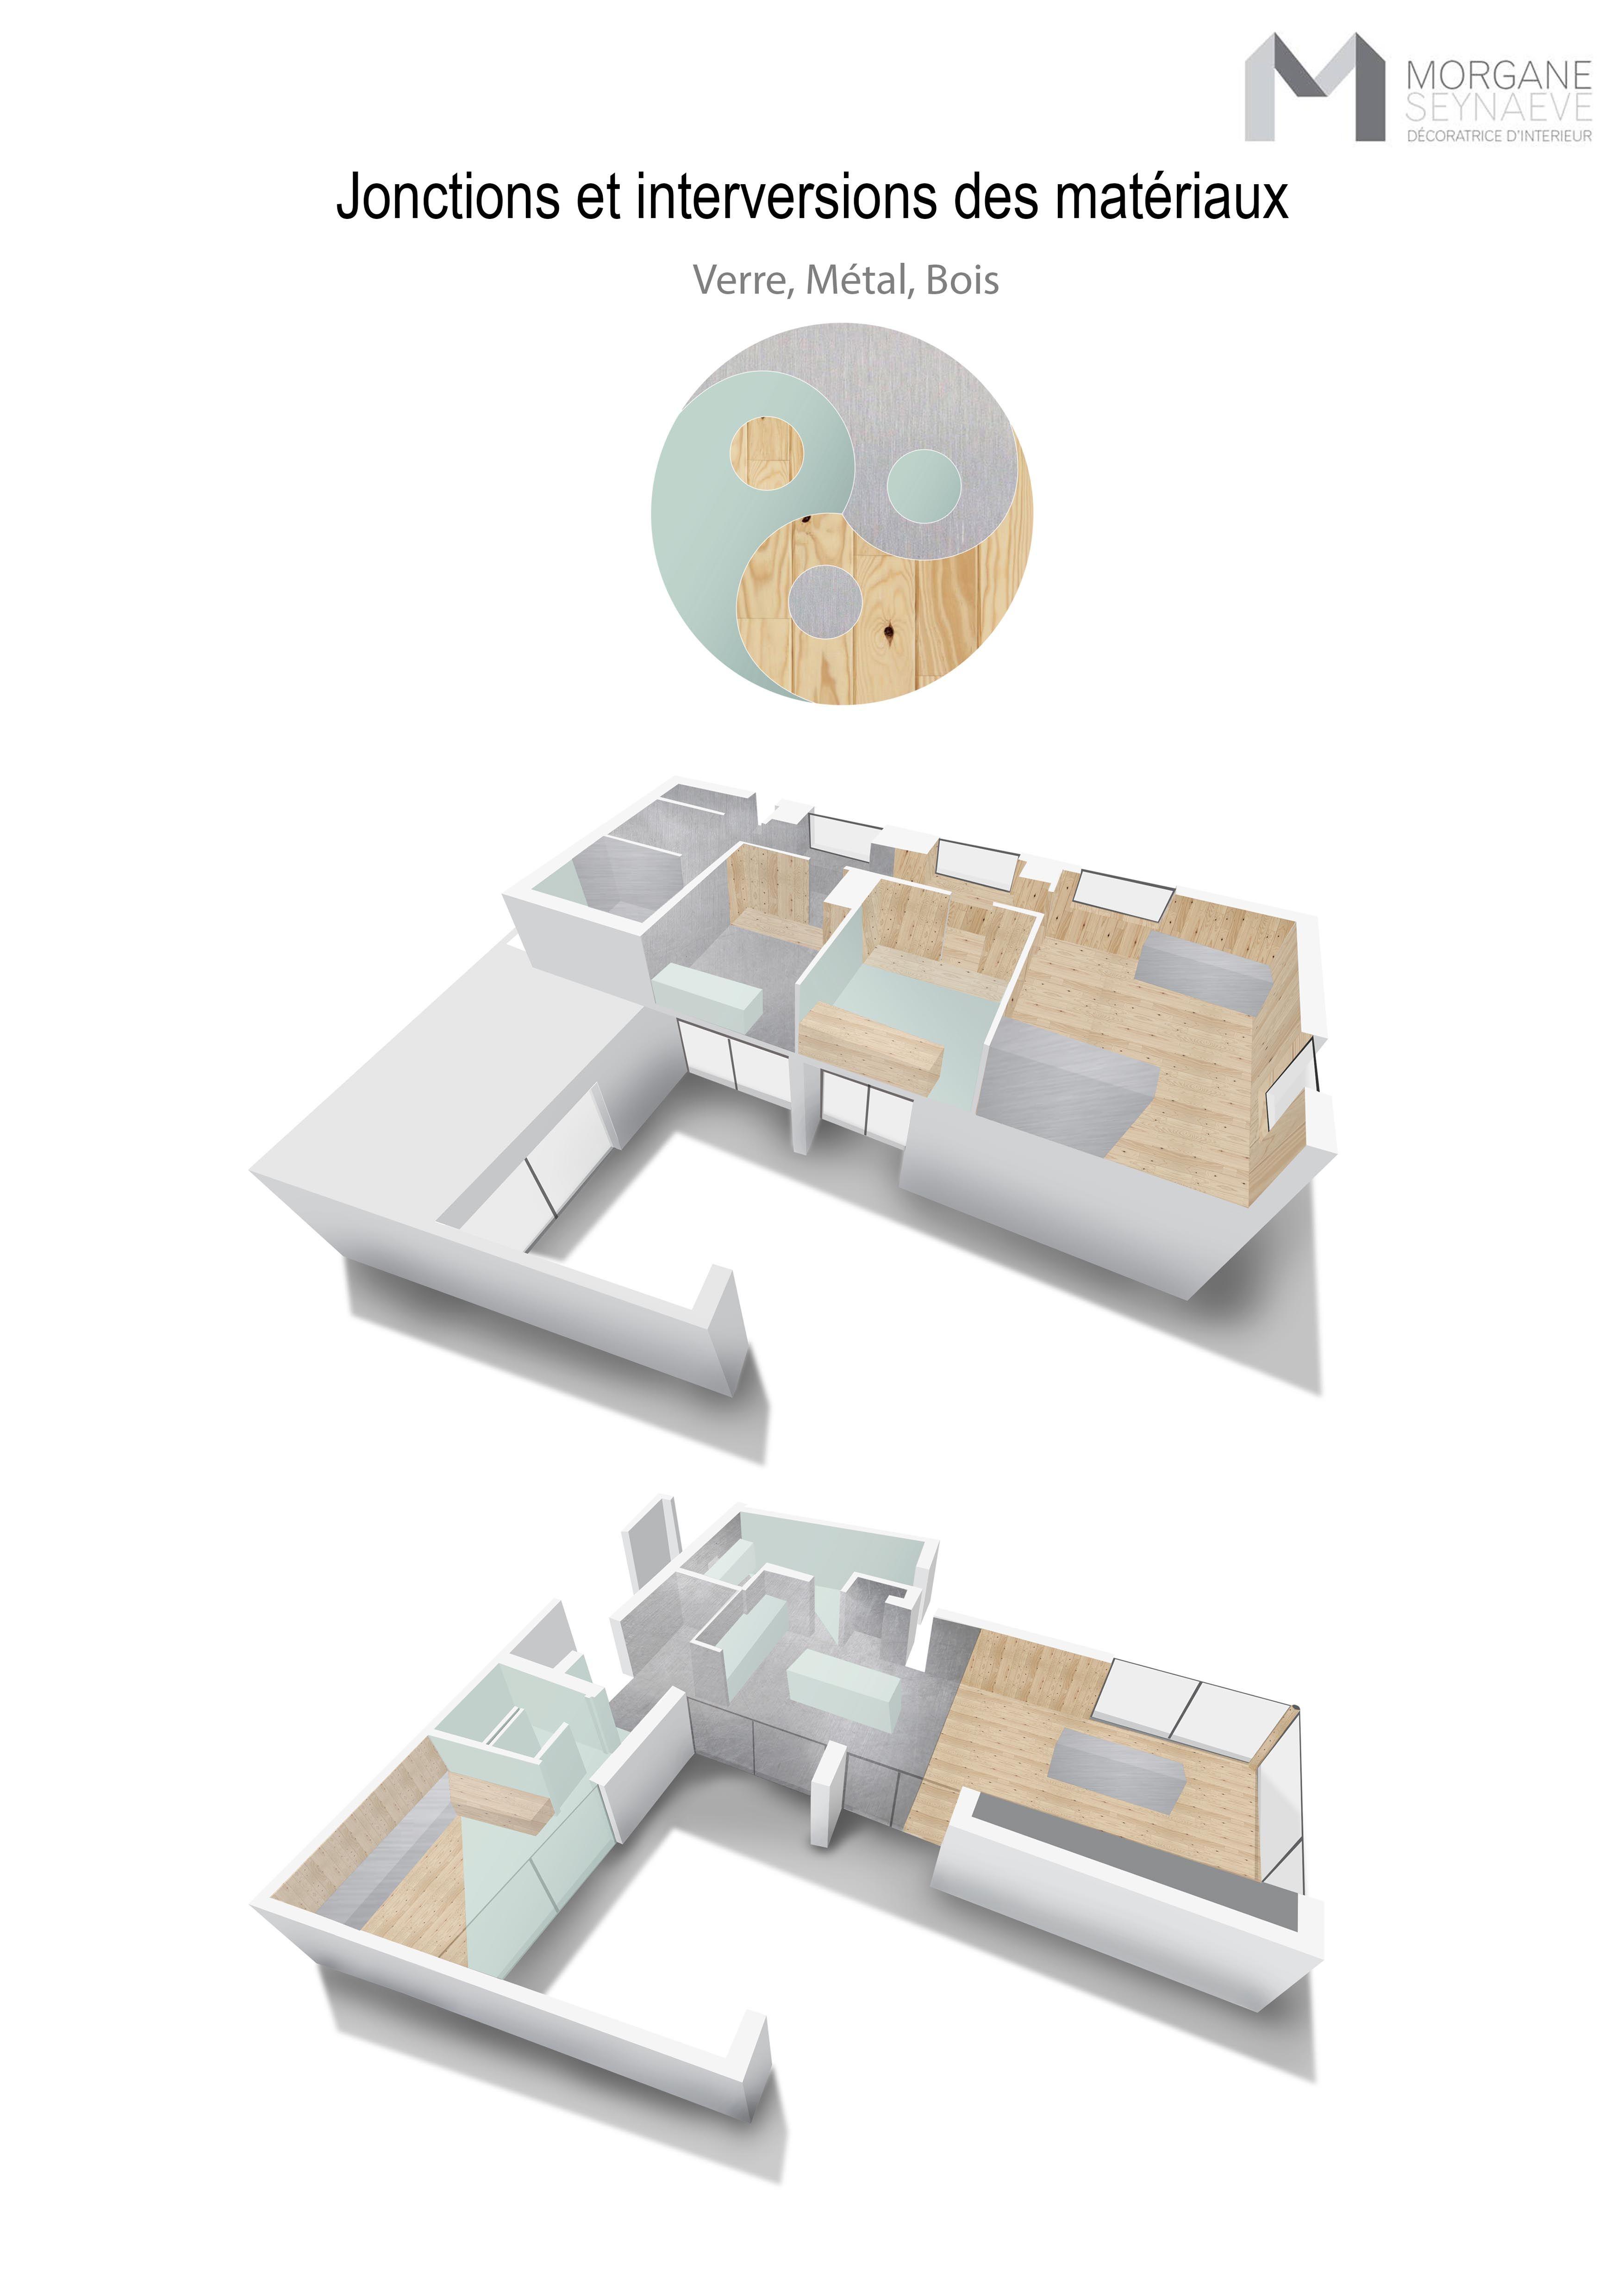 Architecture d\'intérieur: concept Villa Jonctions et interversions ...